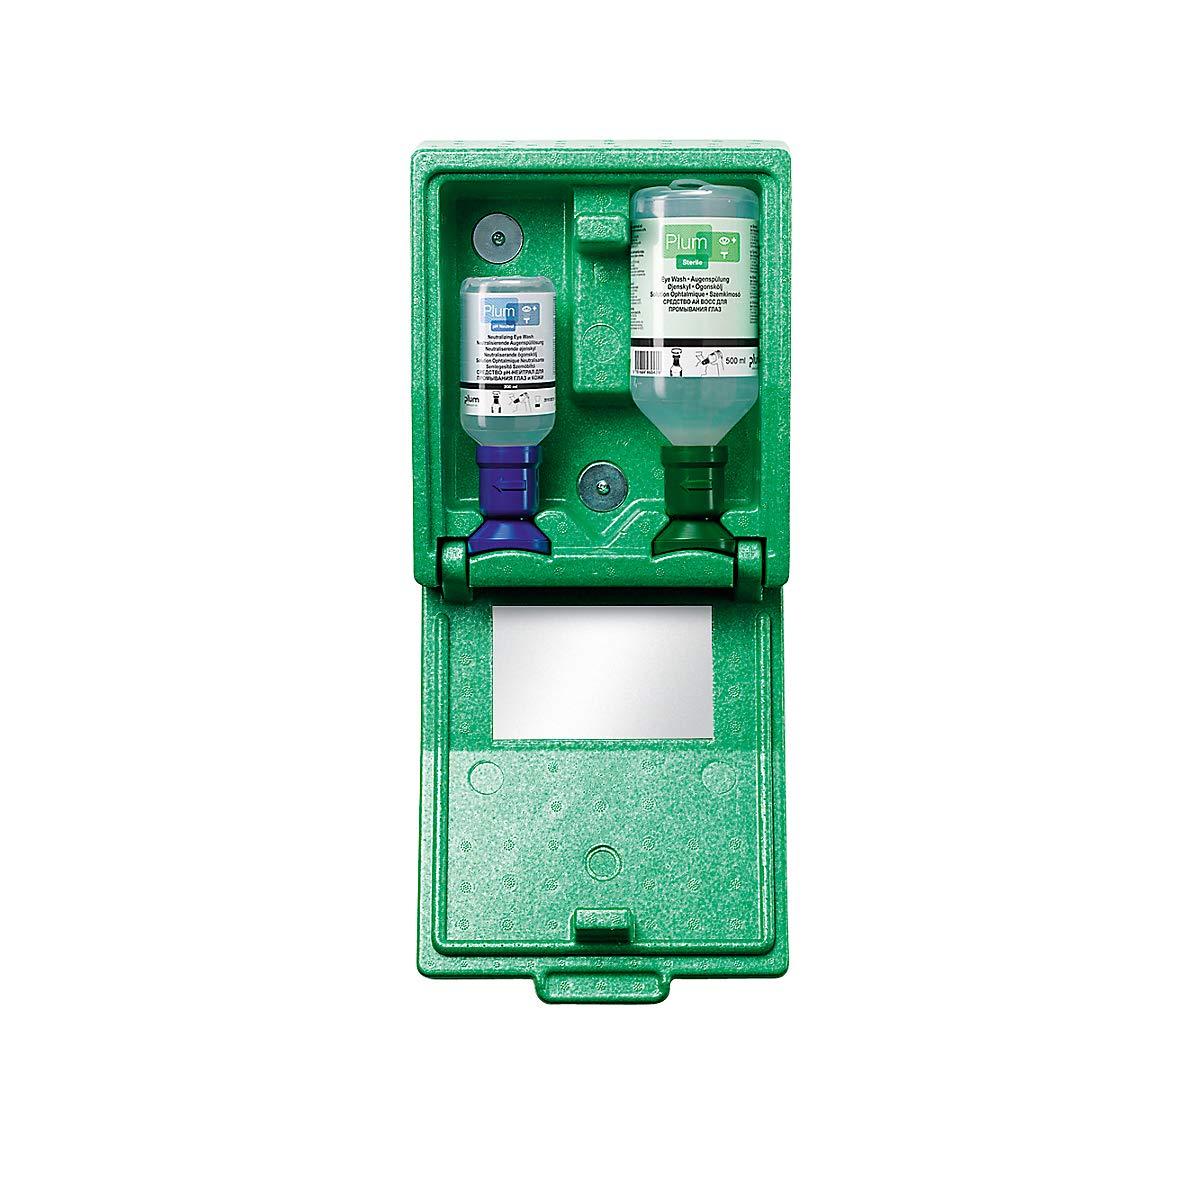 Notfall-Wandbox mit Augenspülflaschen - 1 x Kochsalzlösung, 1 x pH-neutral - HxBxT 270 x 225 x 110 mm - Augendusche Augennotdusche Augenspülflasche